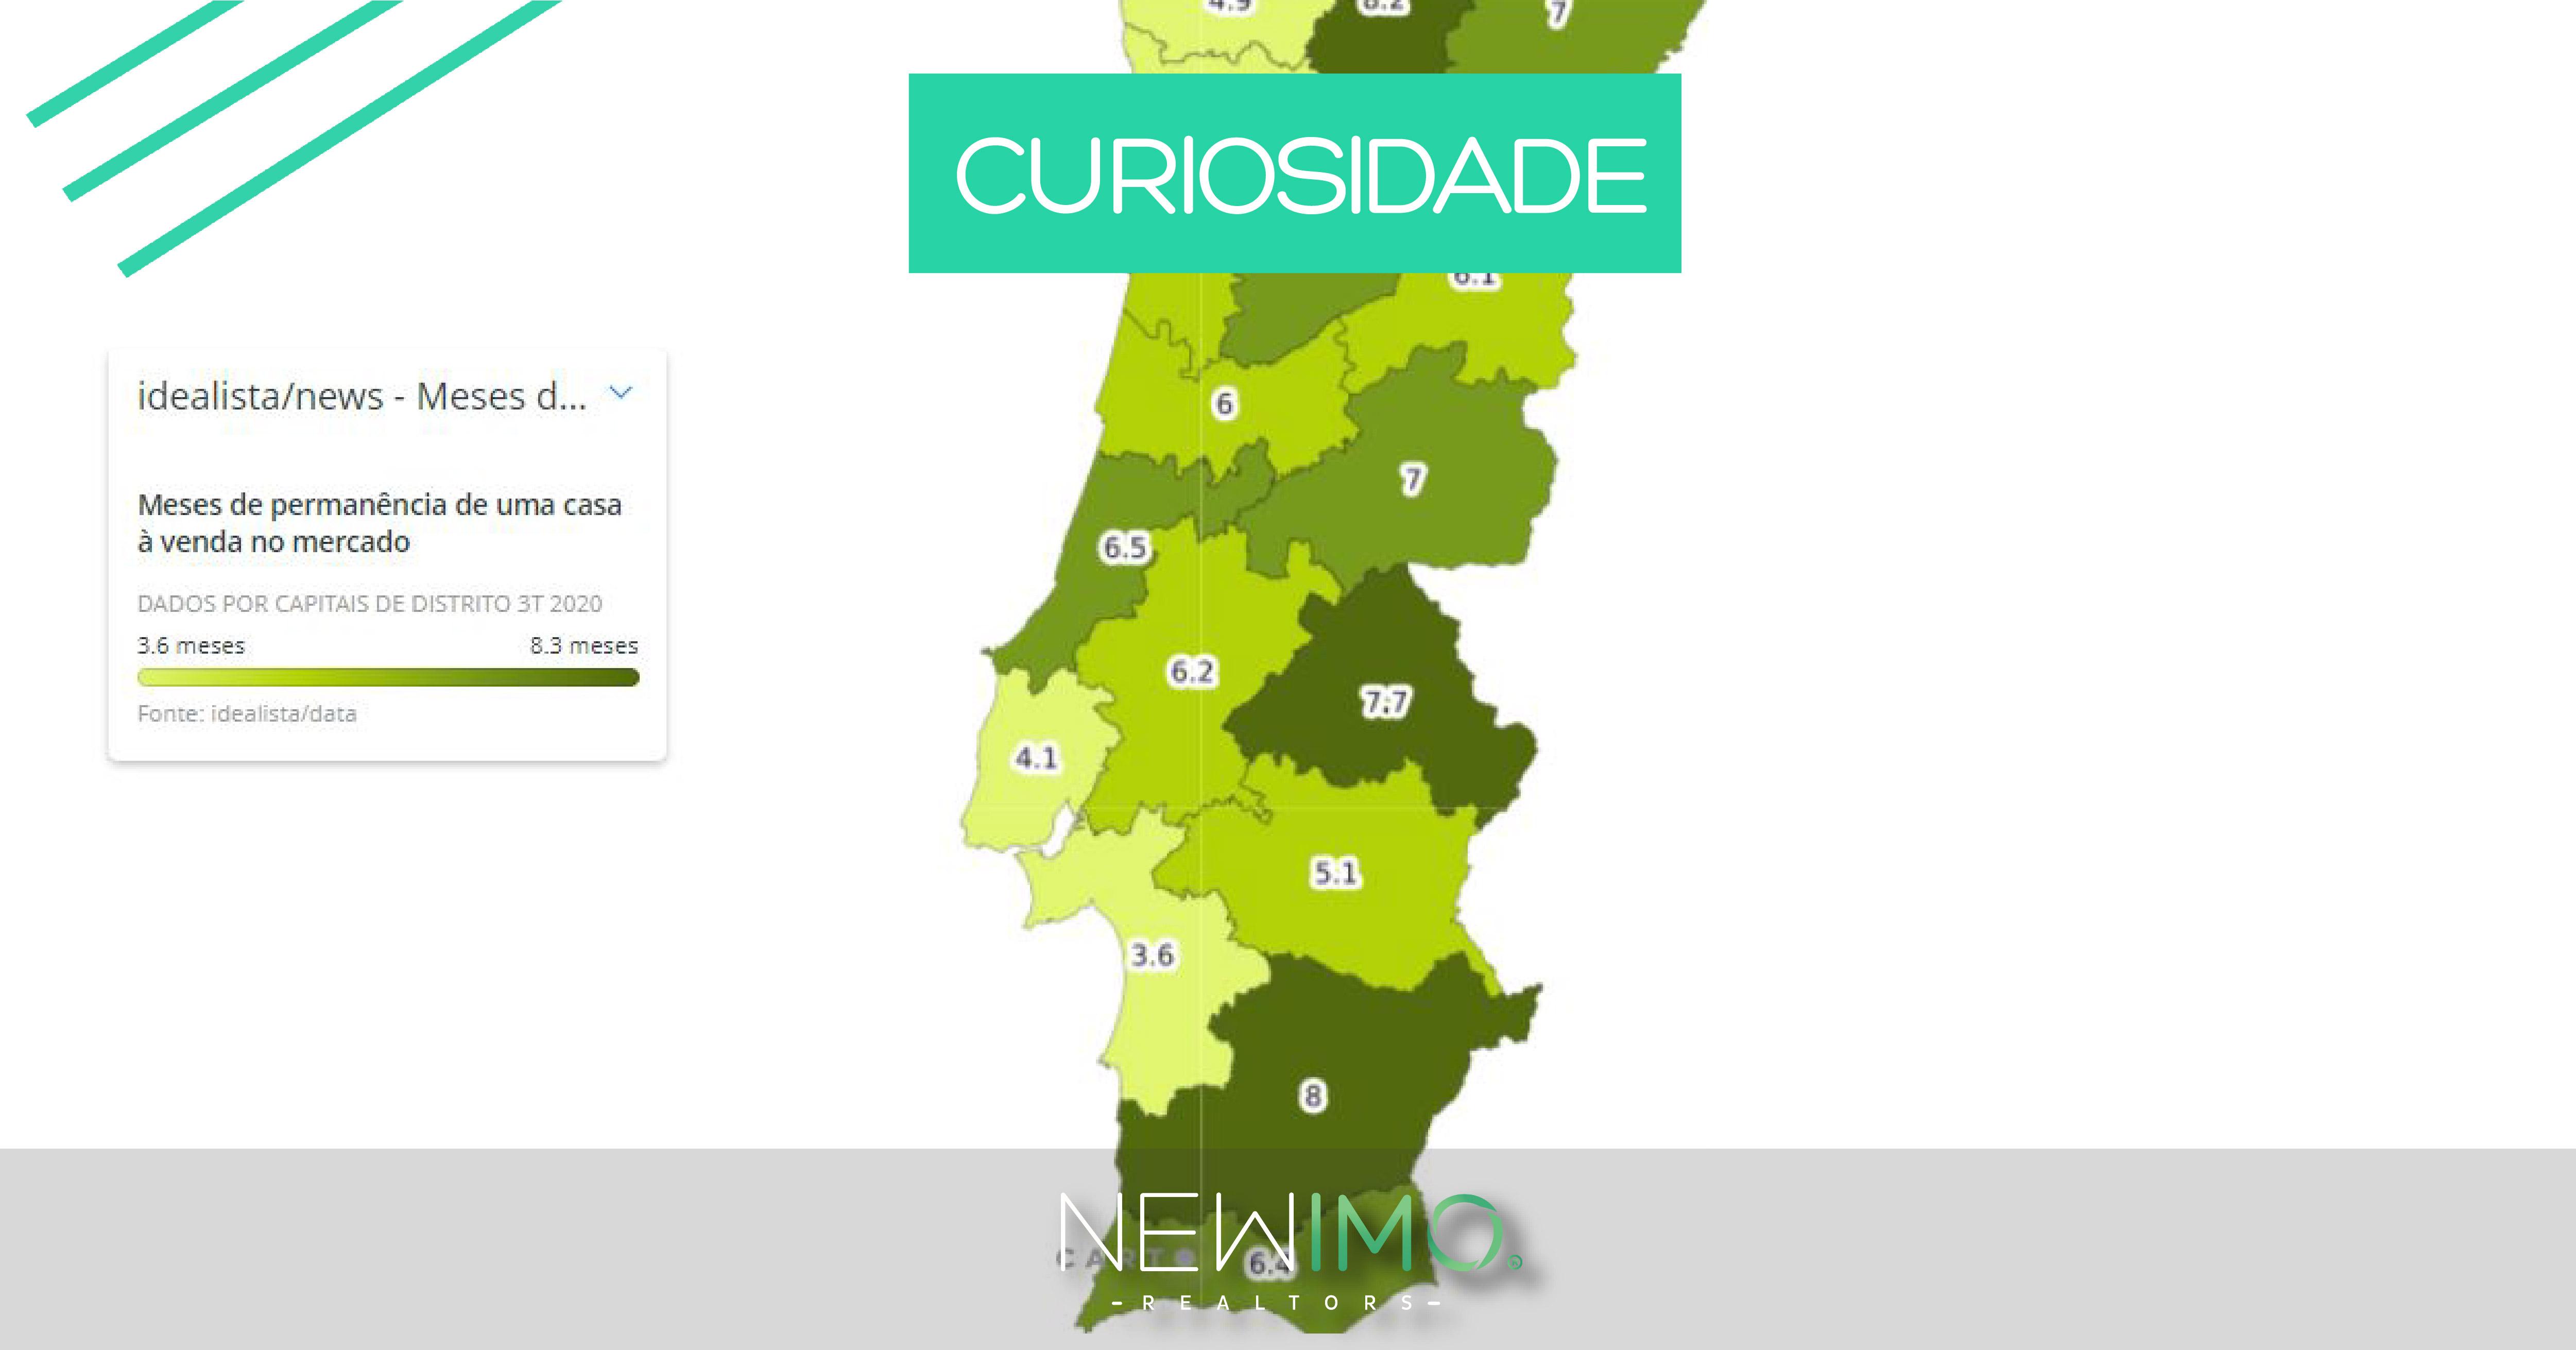 Quanto tempo se demora a vender uma habitação em Portugal - Mapa dos dados por distritos